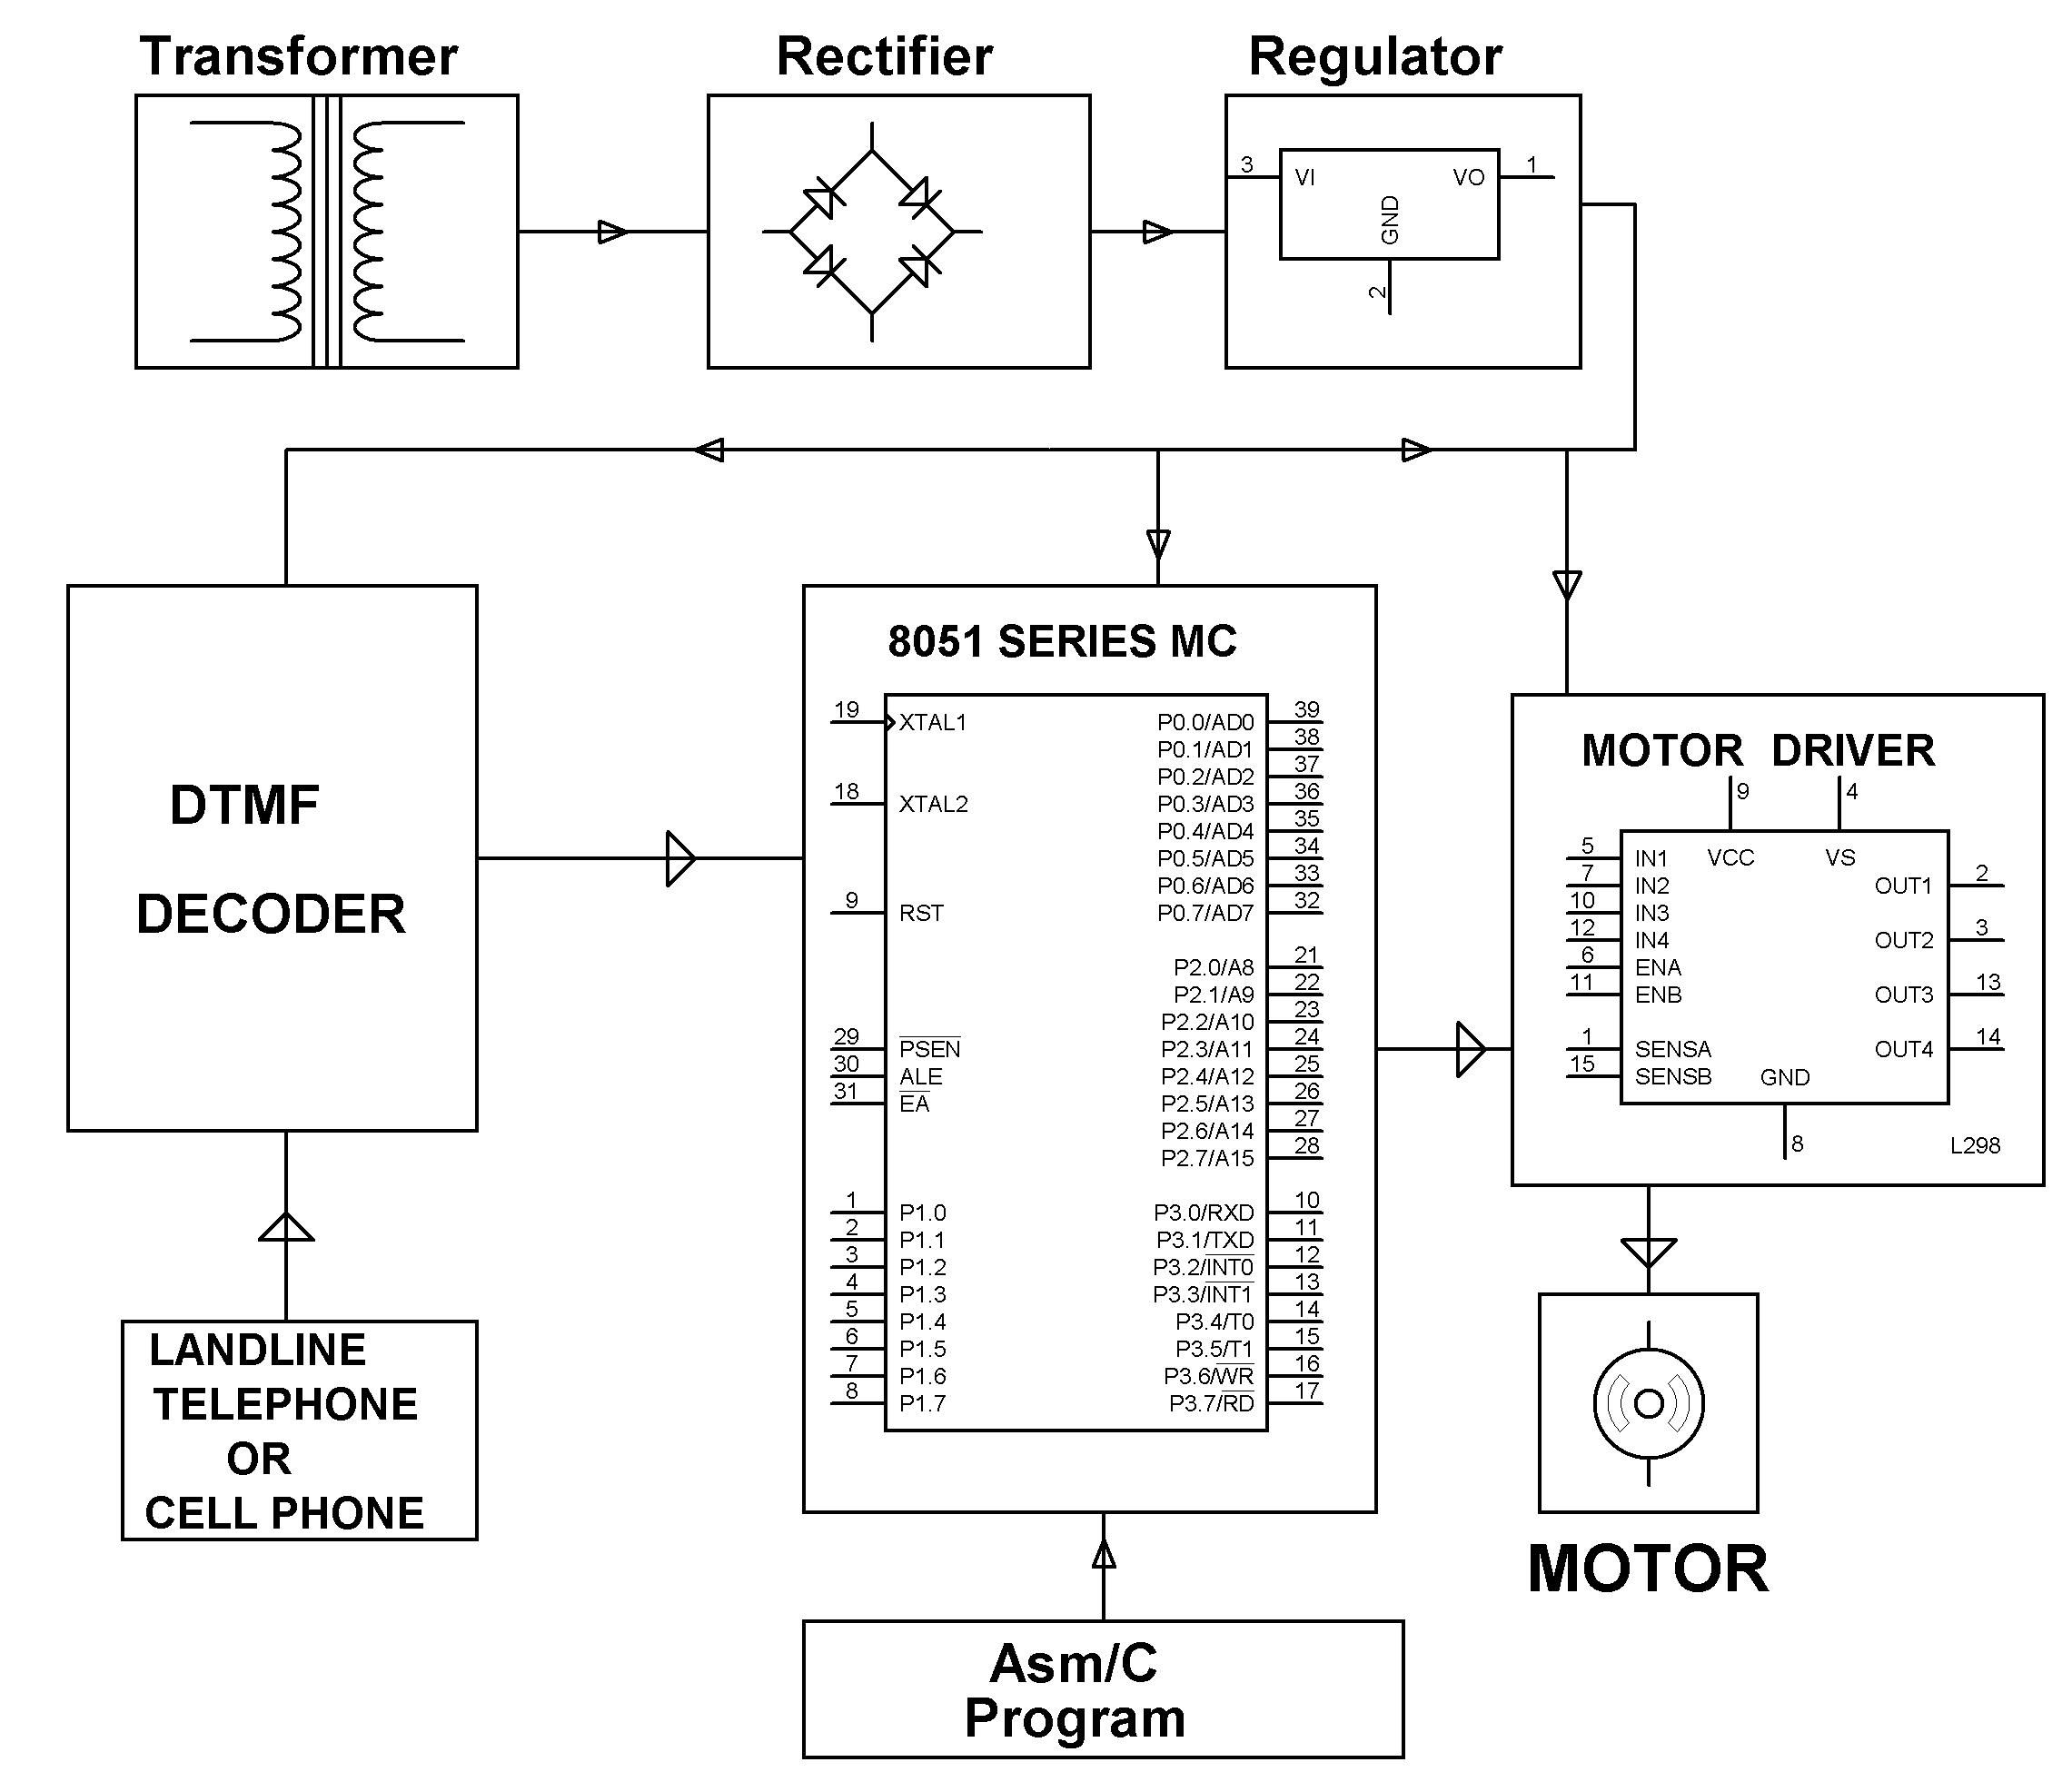 garage door opener control diagrams wiring diagram expert block diagram of dtmf control based automatic garage [ 2281 x 1951 Pixel ]